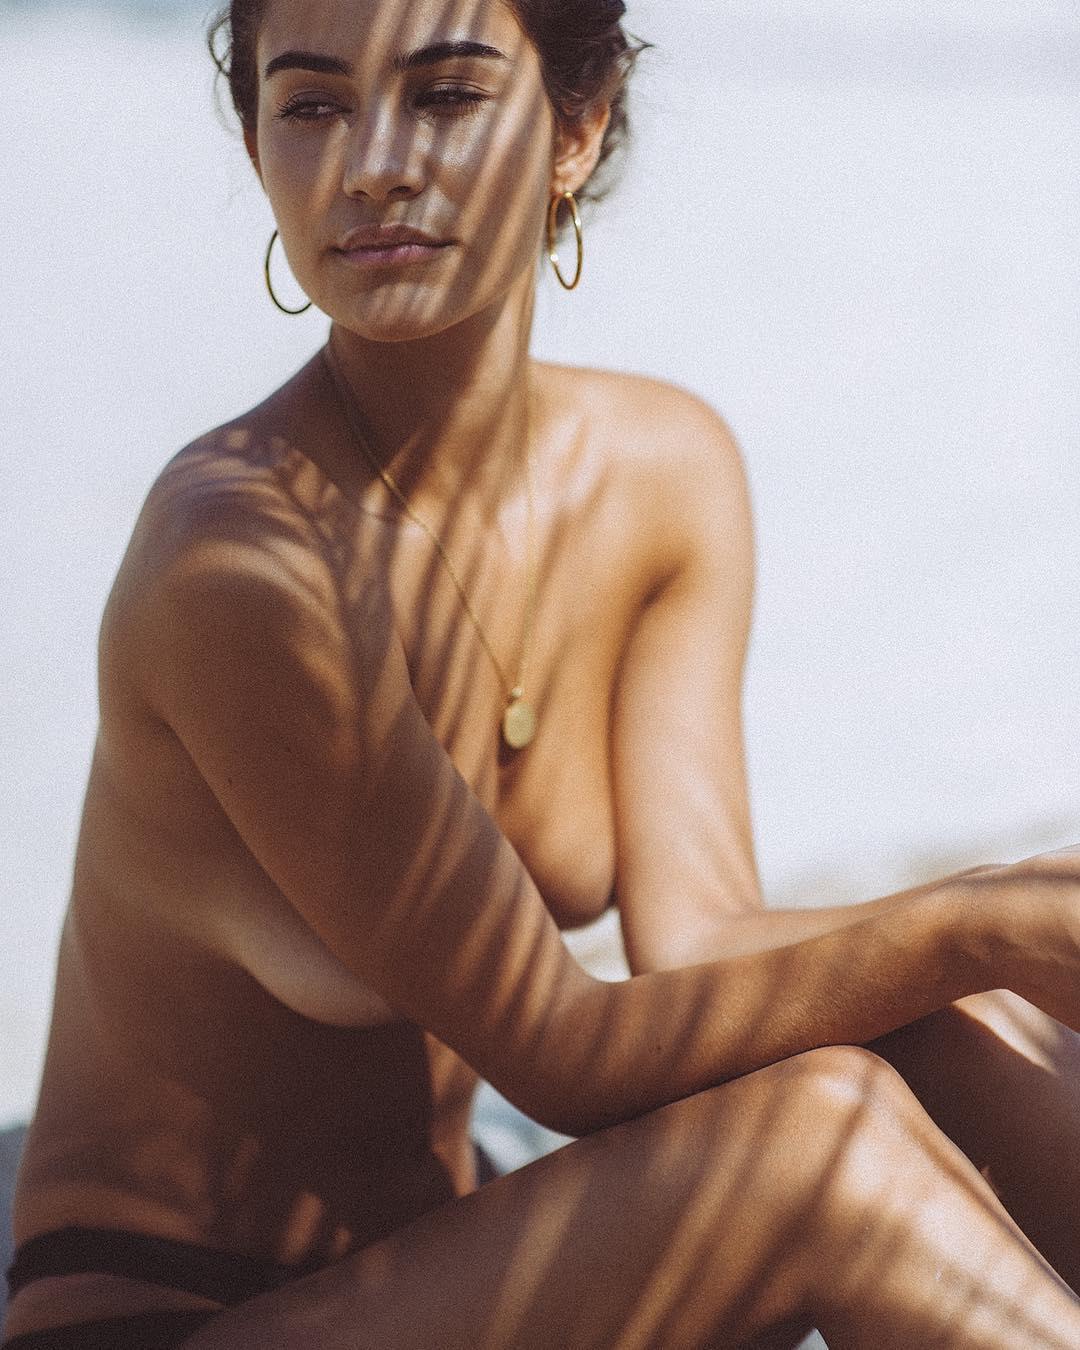 Чувственные фотографии девушек от Дейвиса Малты